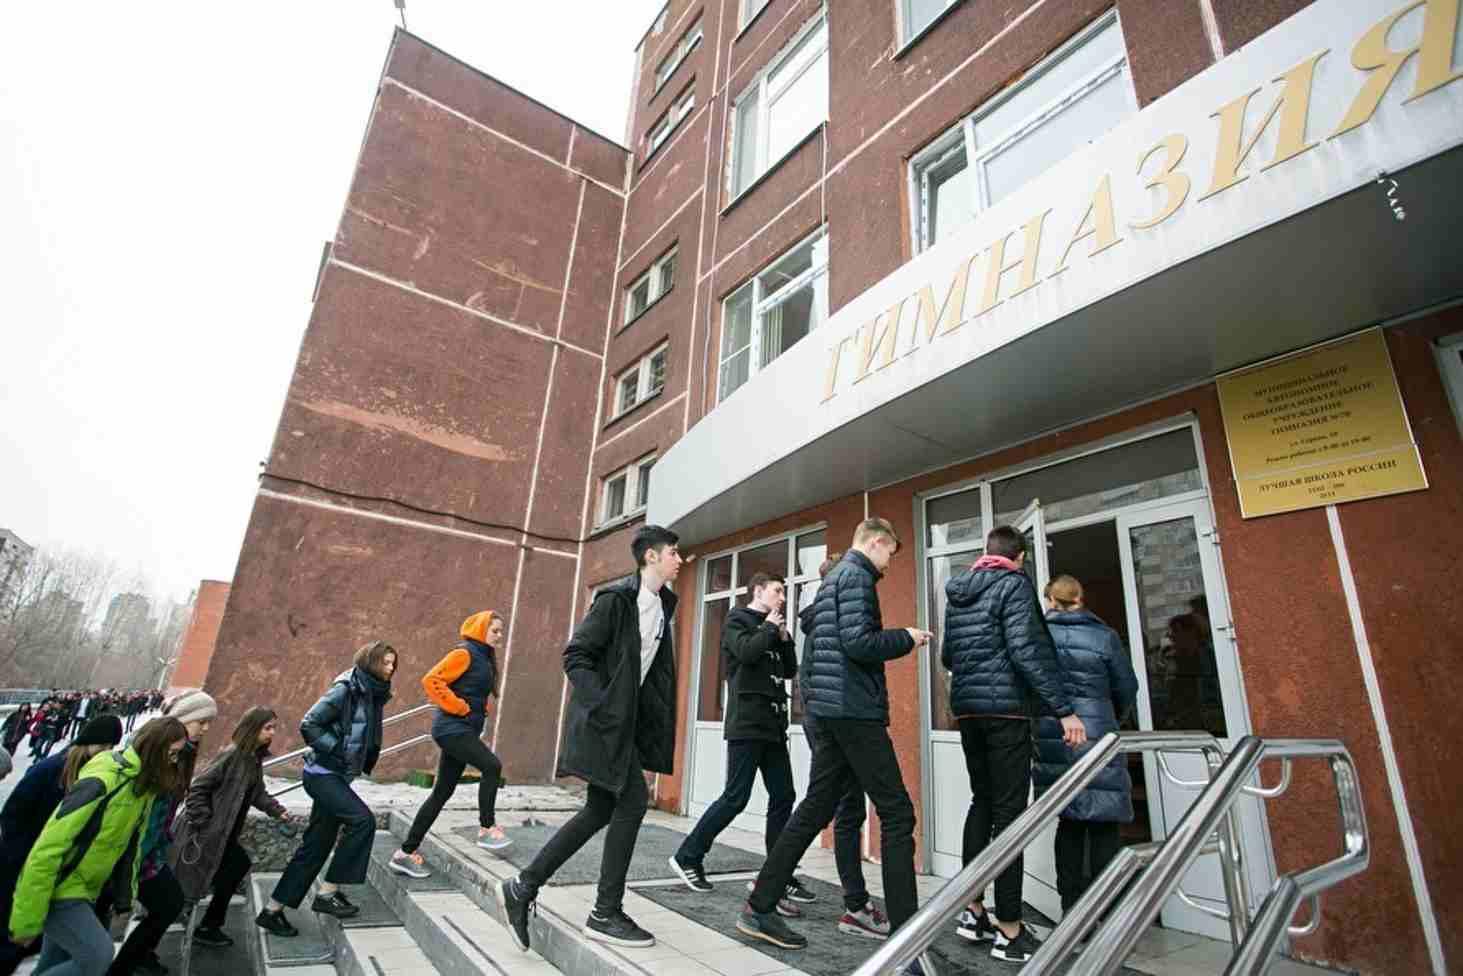 roditeli-iz-ekaterinburga-prosyat-prezidenta-reshit-problemu-nehvatki-shkol